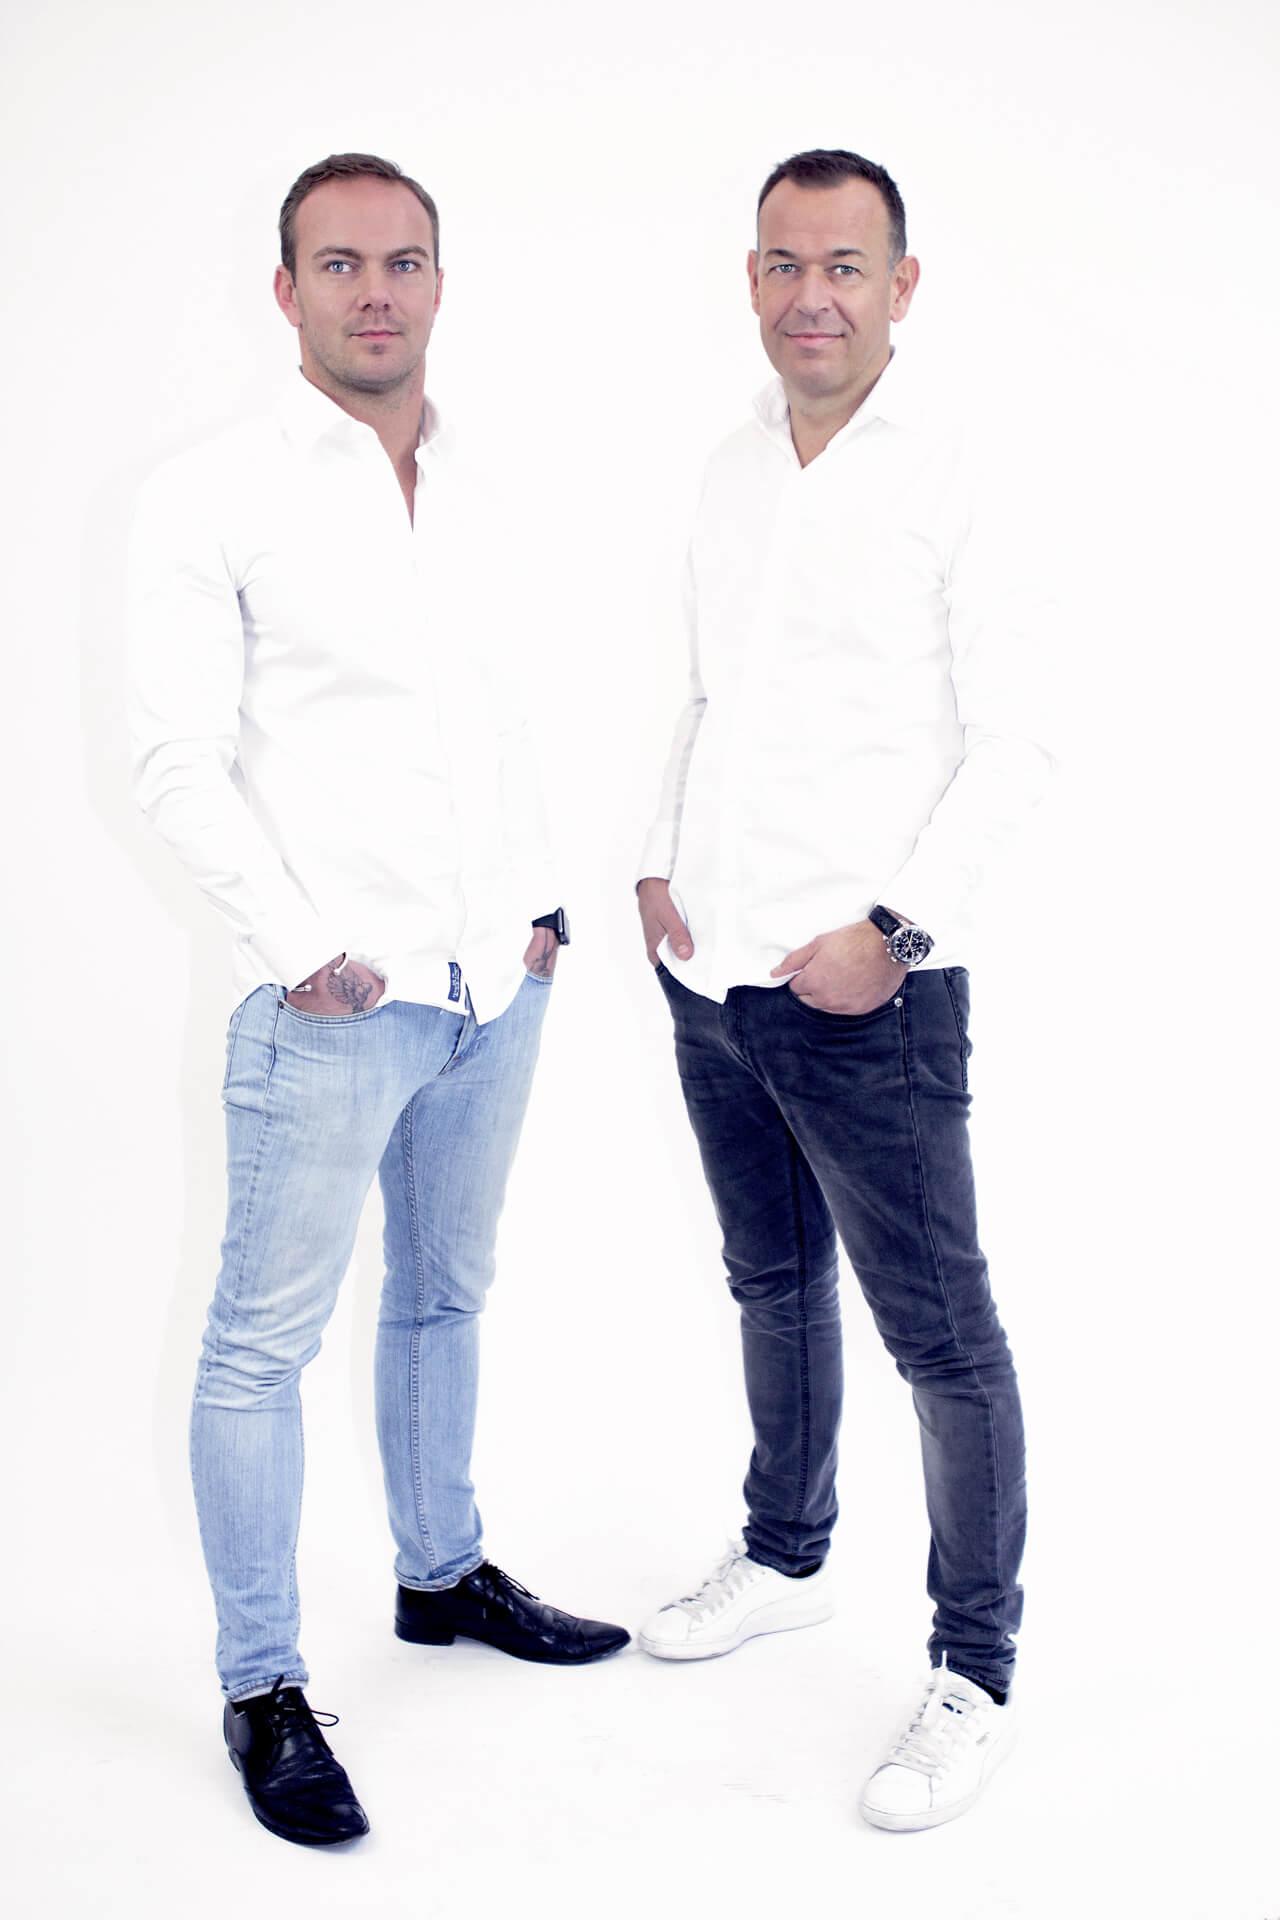 Formitable gebruiker Richard van Oostenbrugge en Thomas Groot